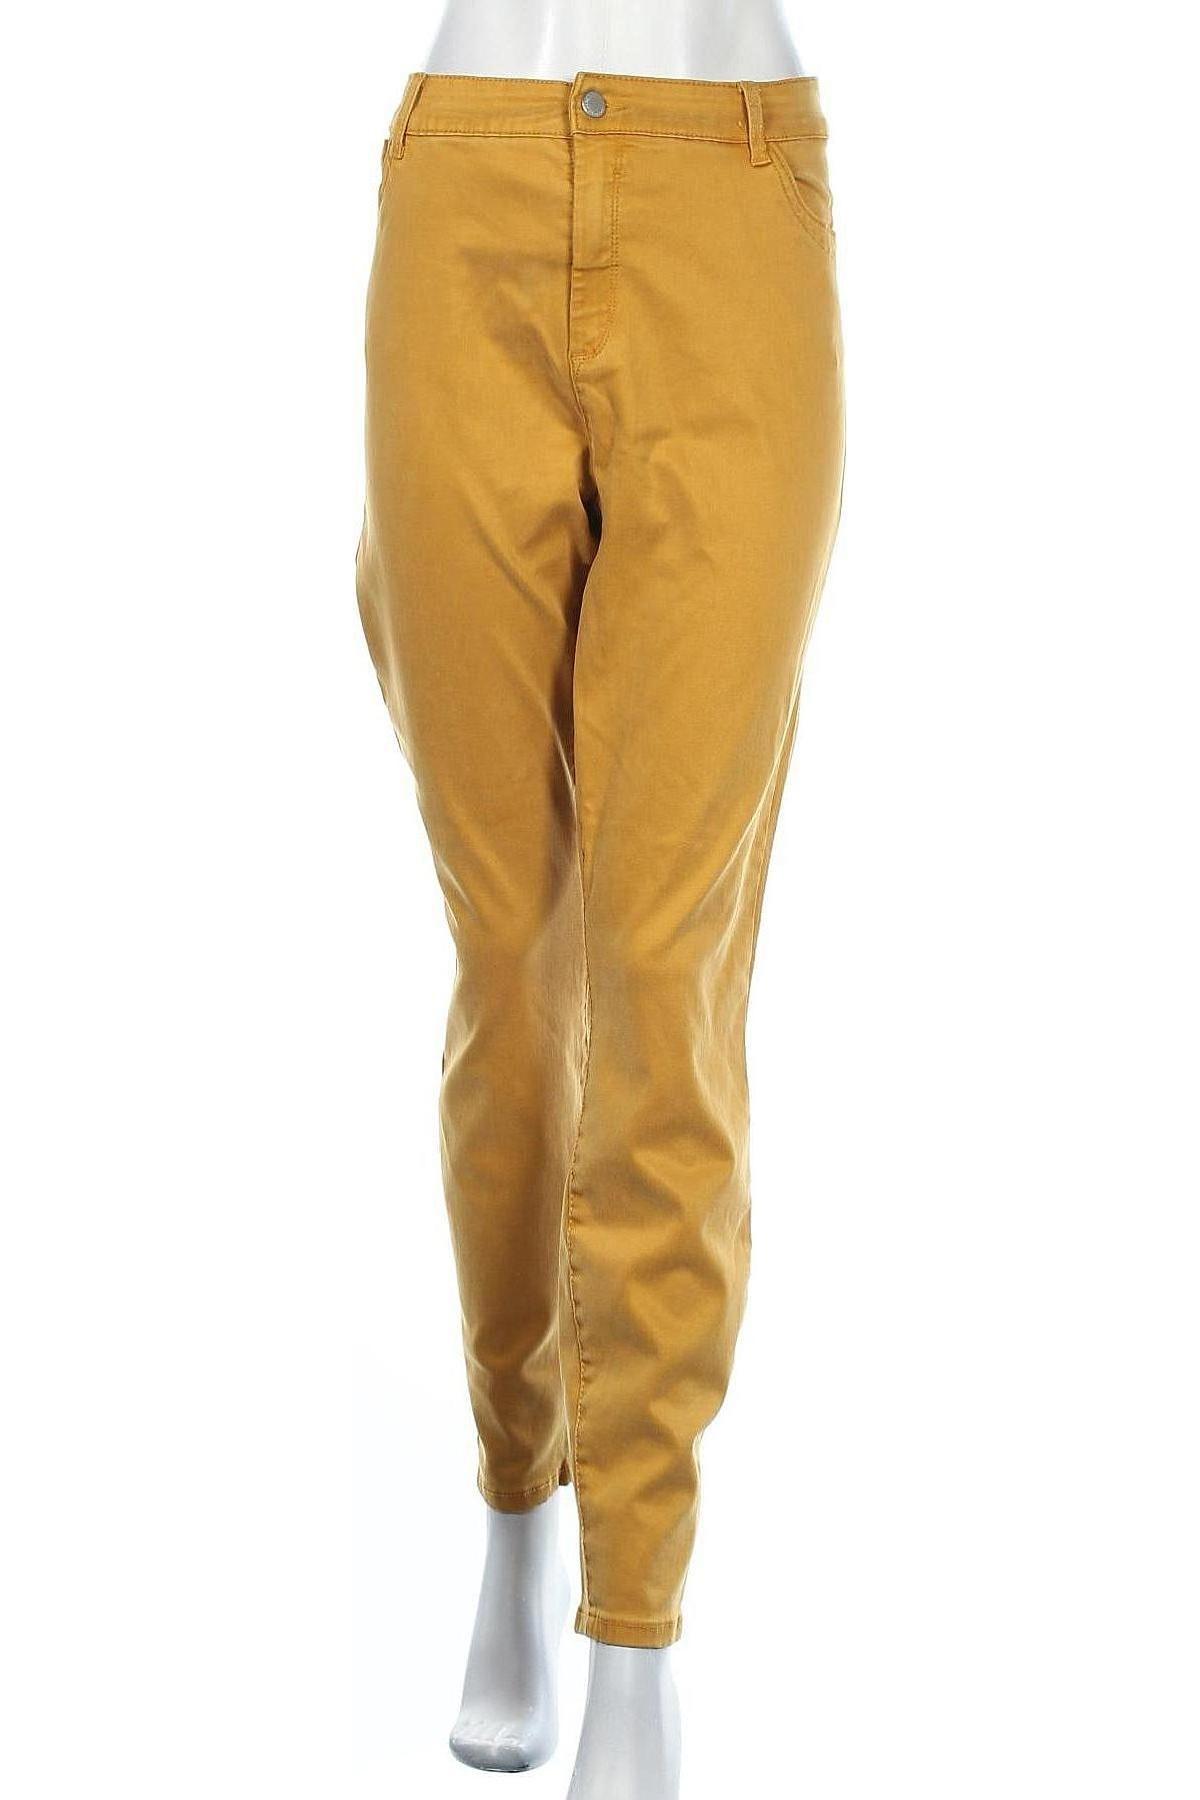 Дамски дънки Yessica, Размер XXL, Цвят Жълт, 67% лиосел, 23% памук, 8% други тъкани, 2% еластан, Цена 39,00лв.